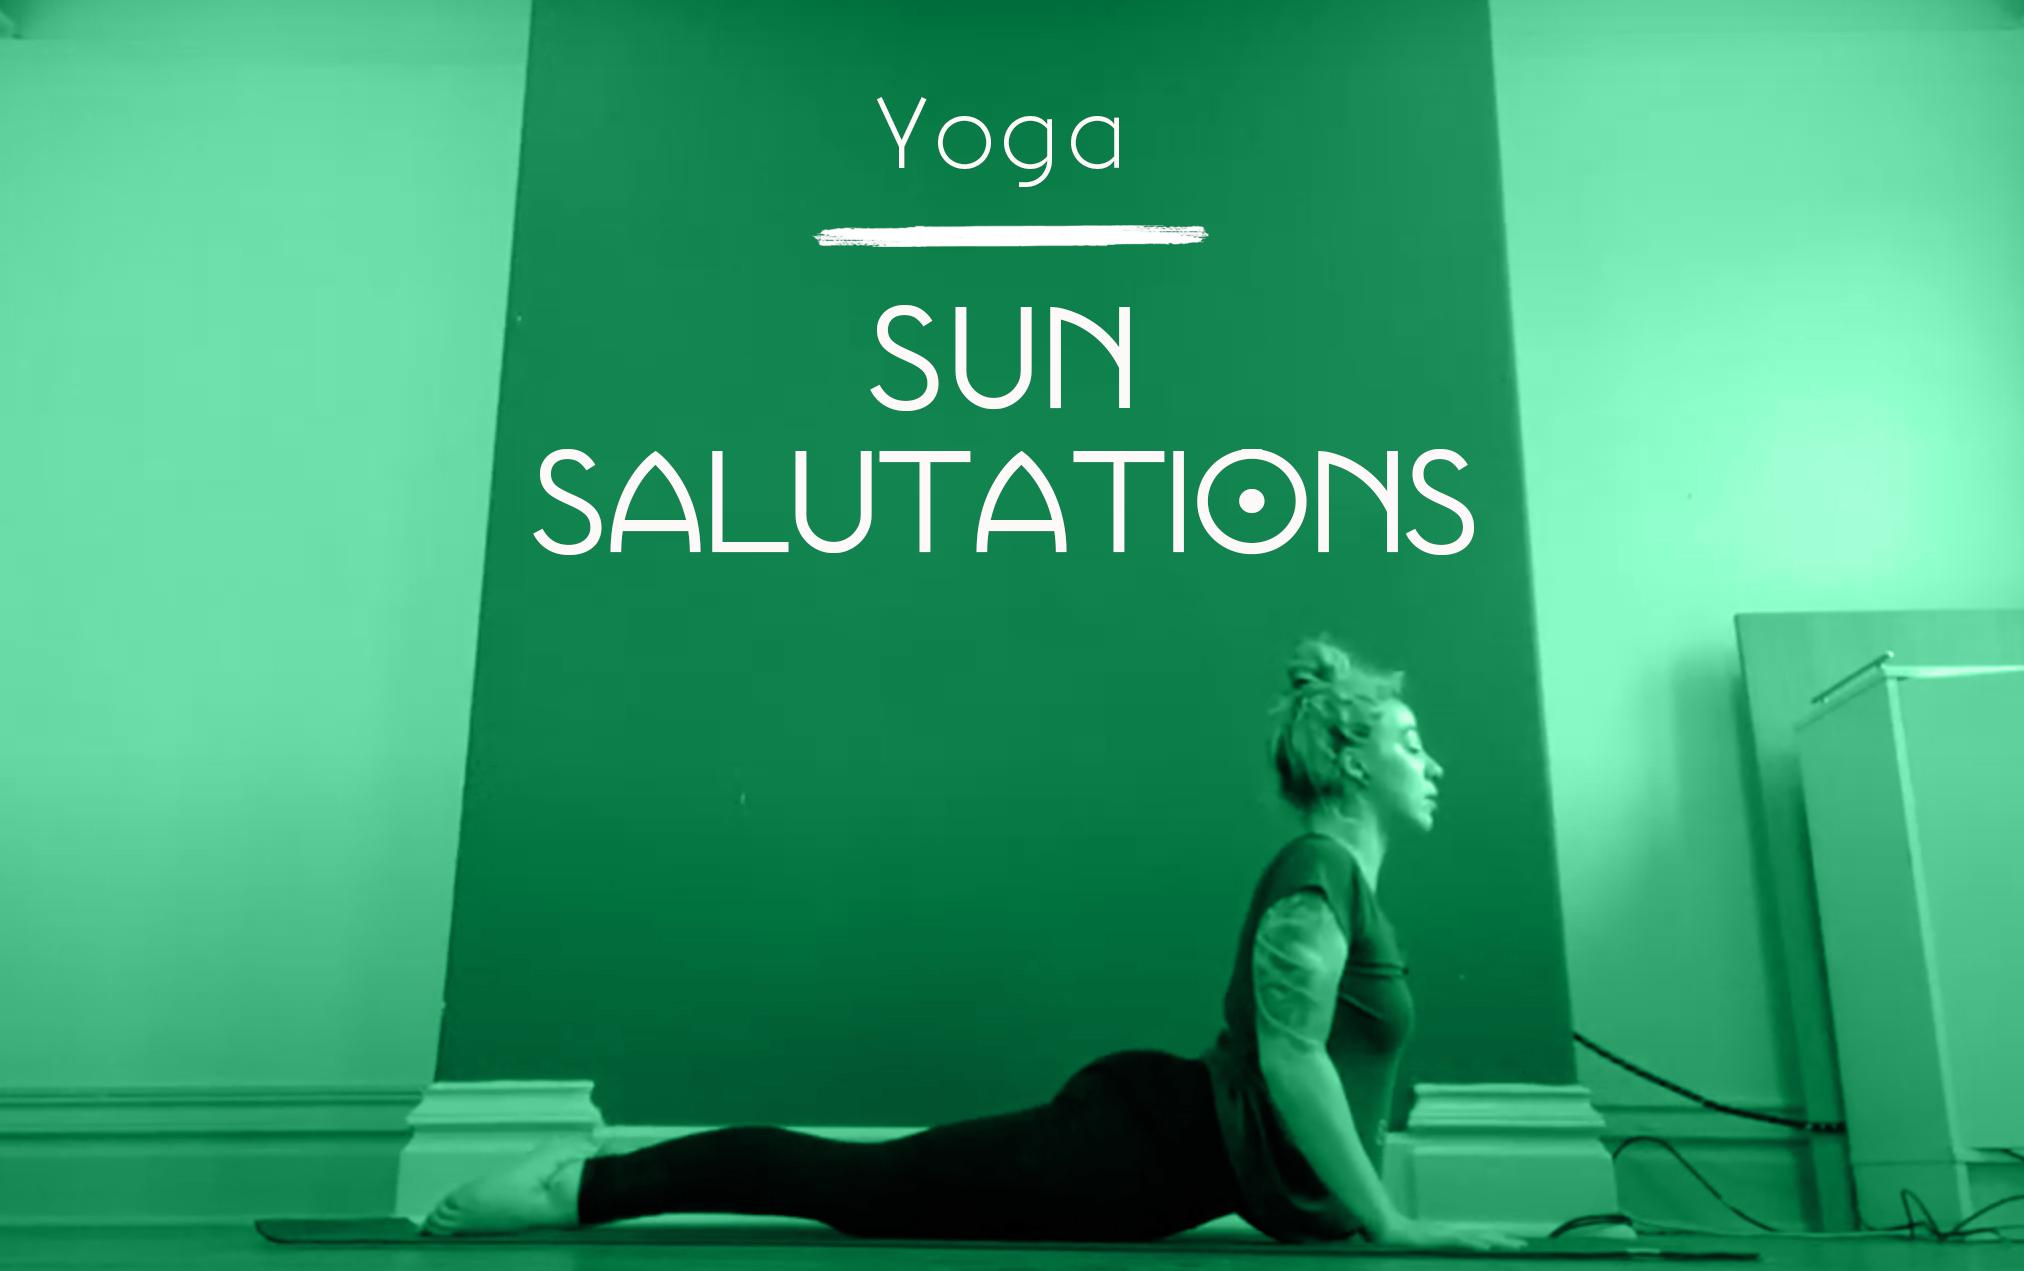 Yoga Sun Sals